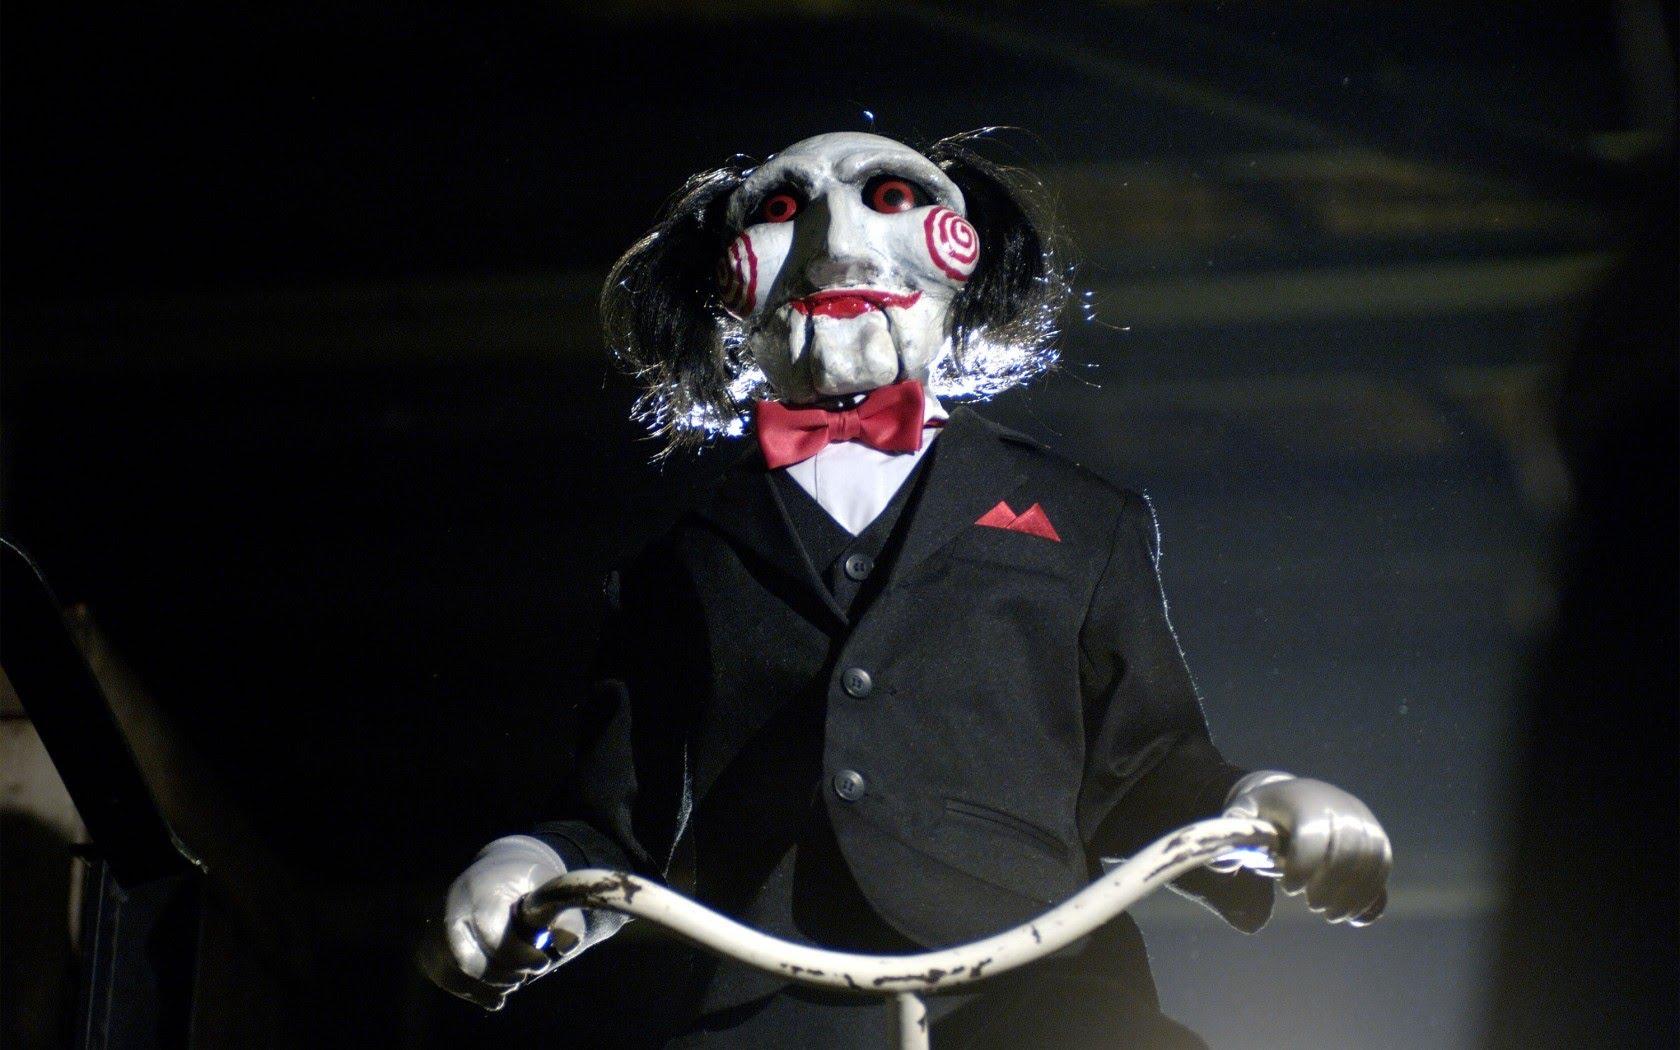 Cena do filme Saw, ou Jogos Mortais. A cena mostra a marionete Billy the Puppet.